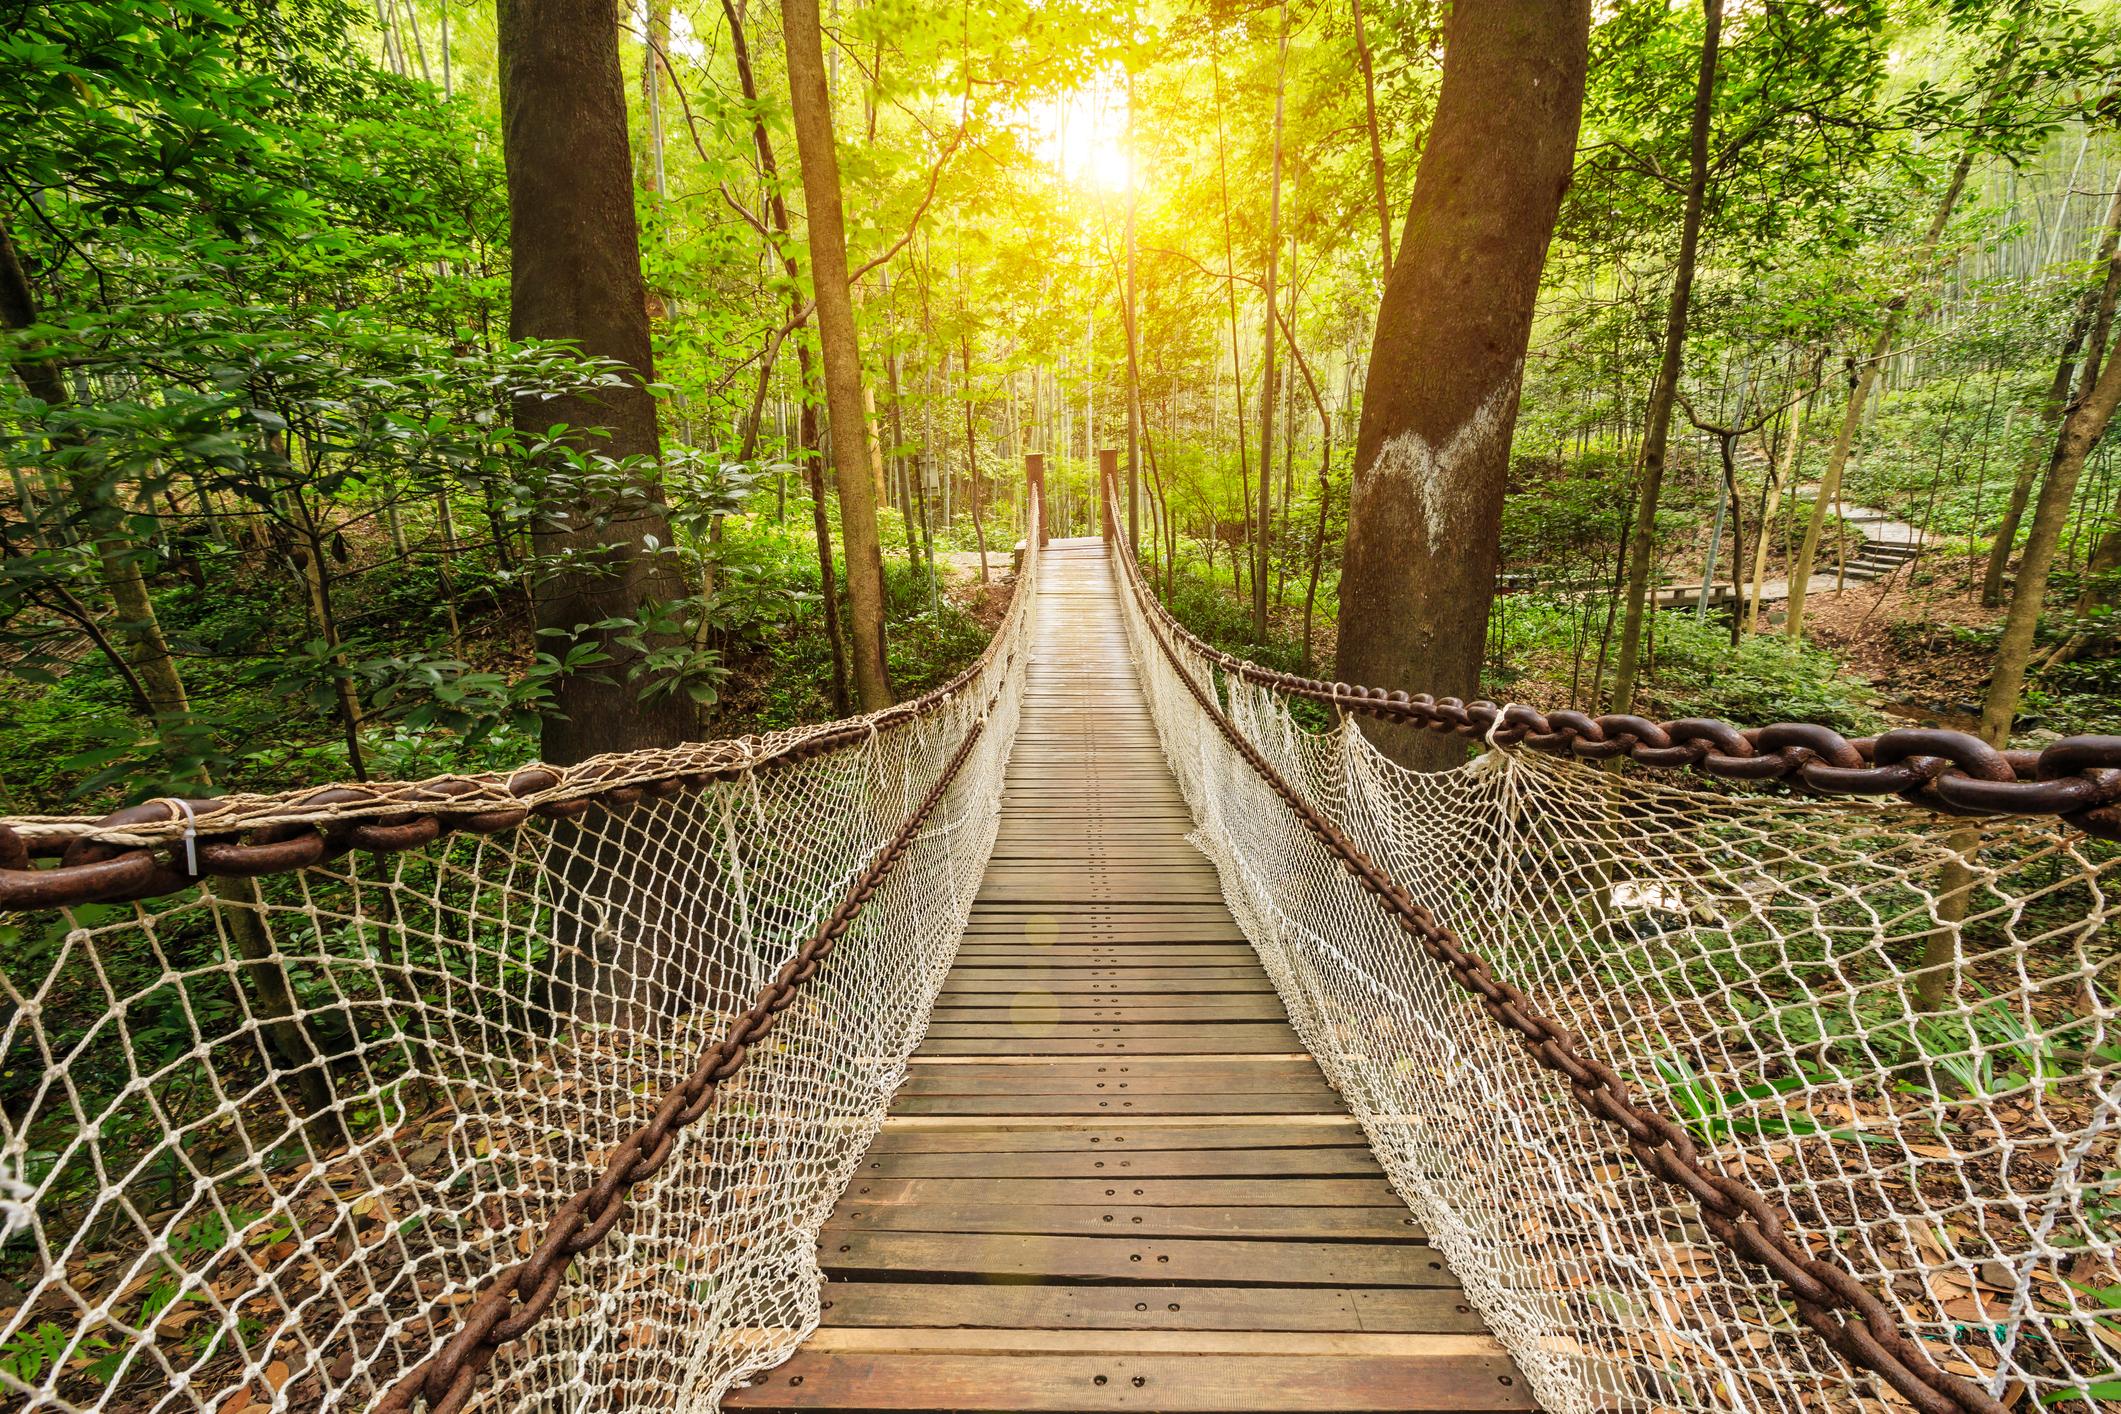 Suspension bridge in the quiet forest